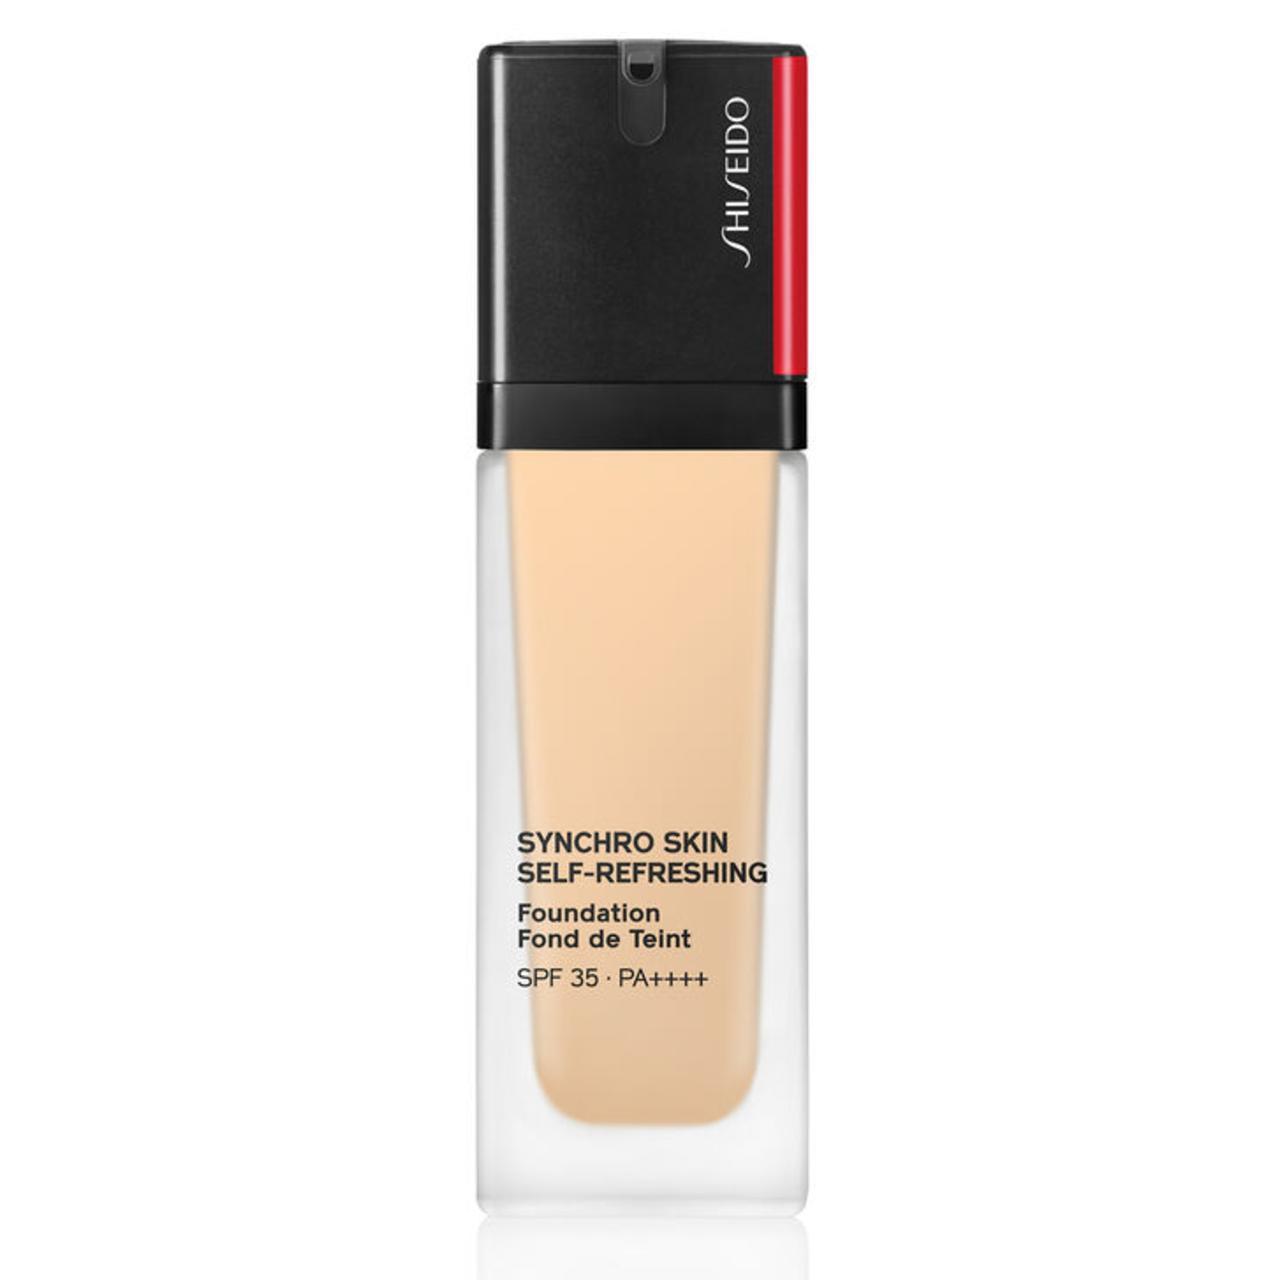 Shiseido Synchro Skin Self-Refreshing Foundation SPF 30.